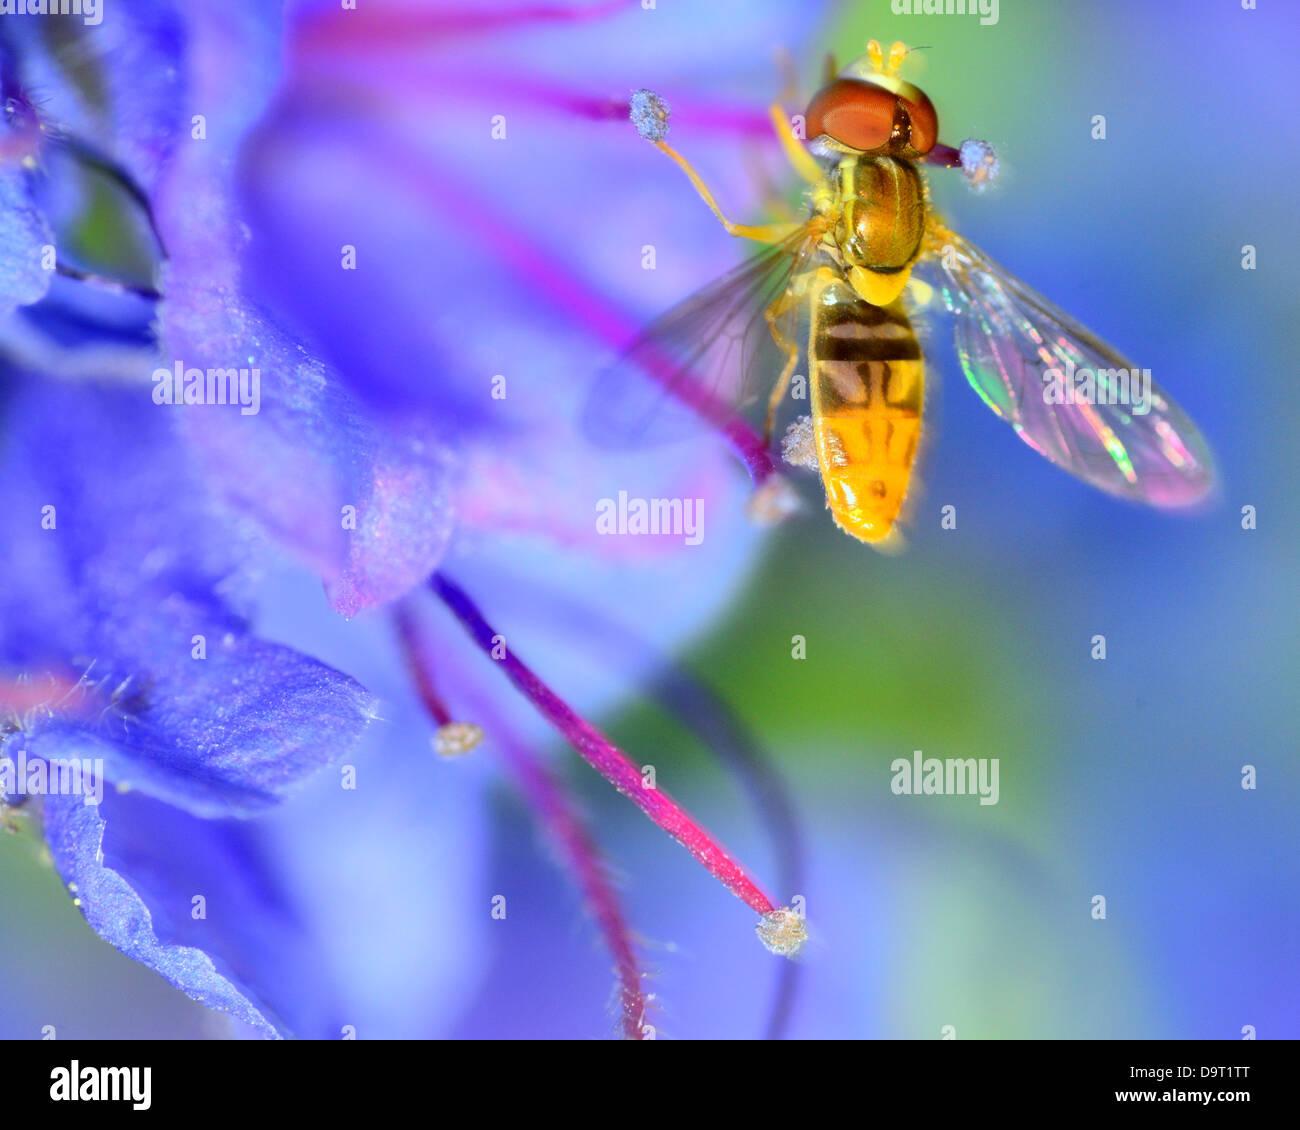 Hoverfly perché sur une fleur la collecte du pollen. Photo Stock